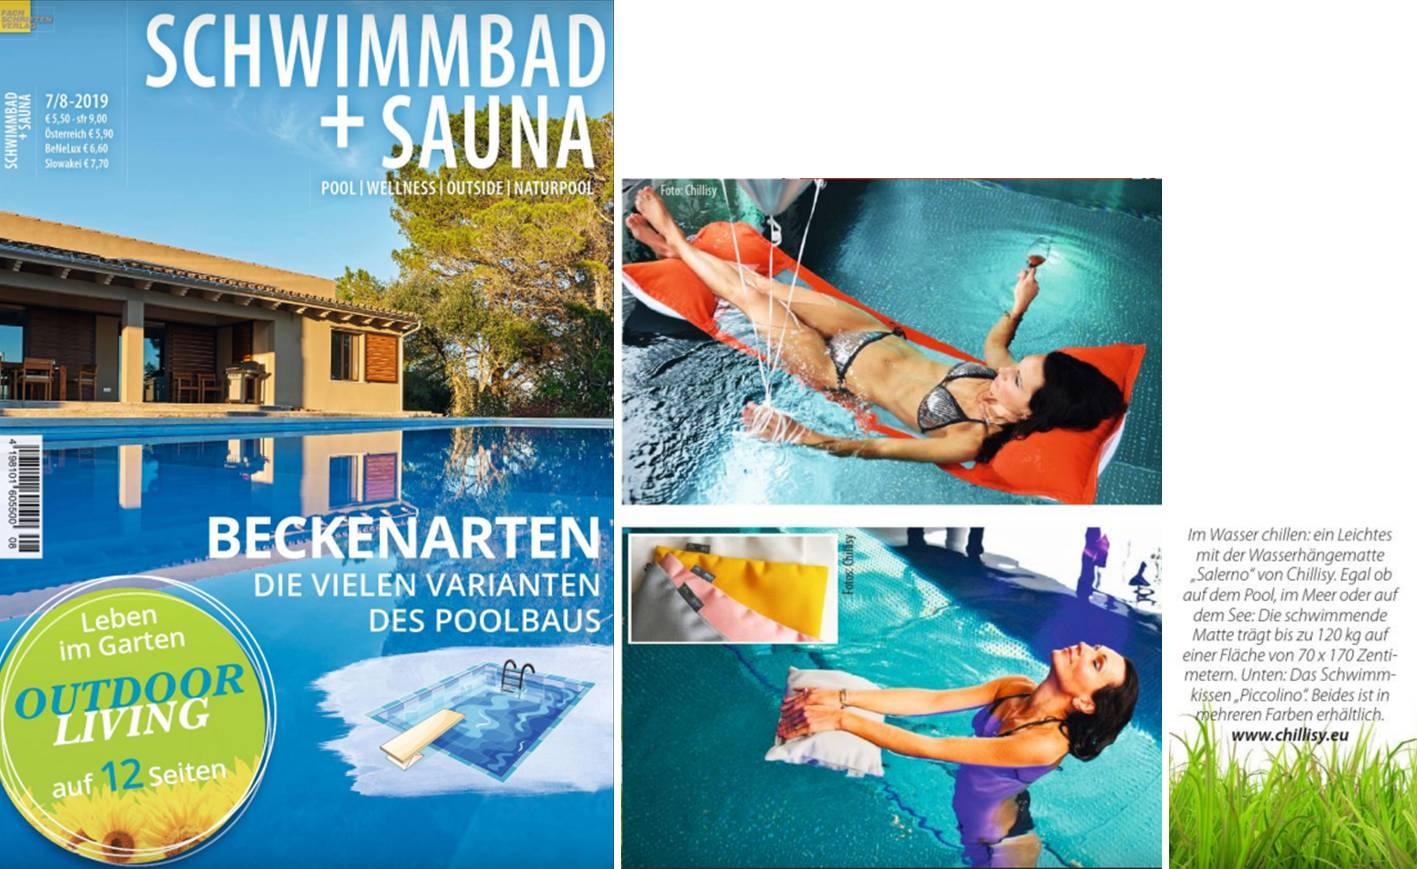 Schwimmkissen & Strandkissen Piccolino mit Wasser Hängematte im Magazin Schwimmbad + Sauna 2019